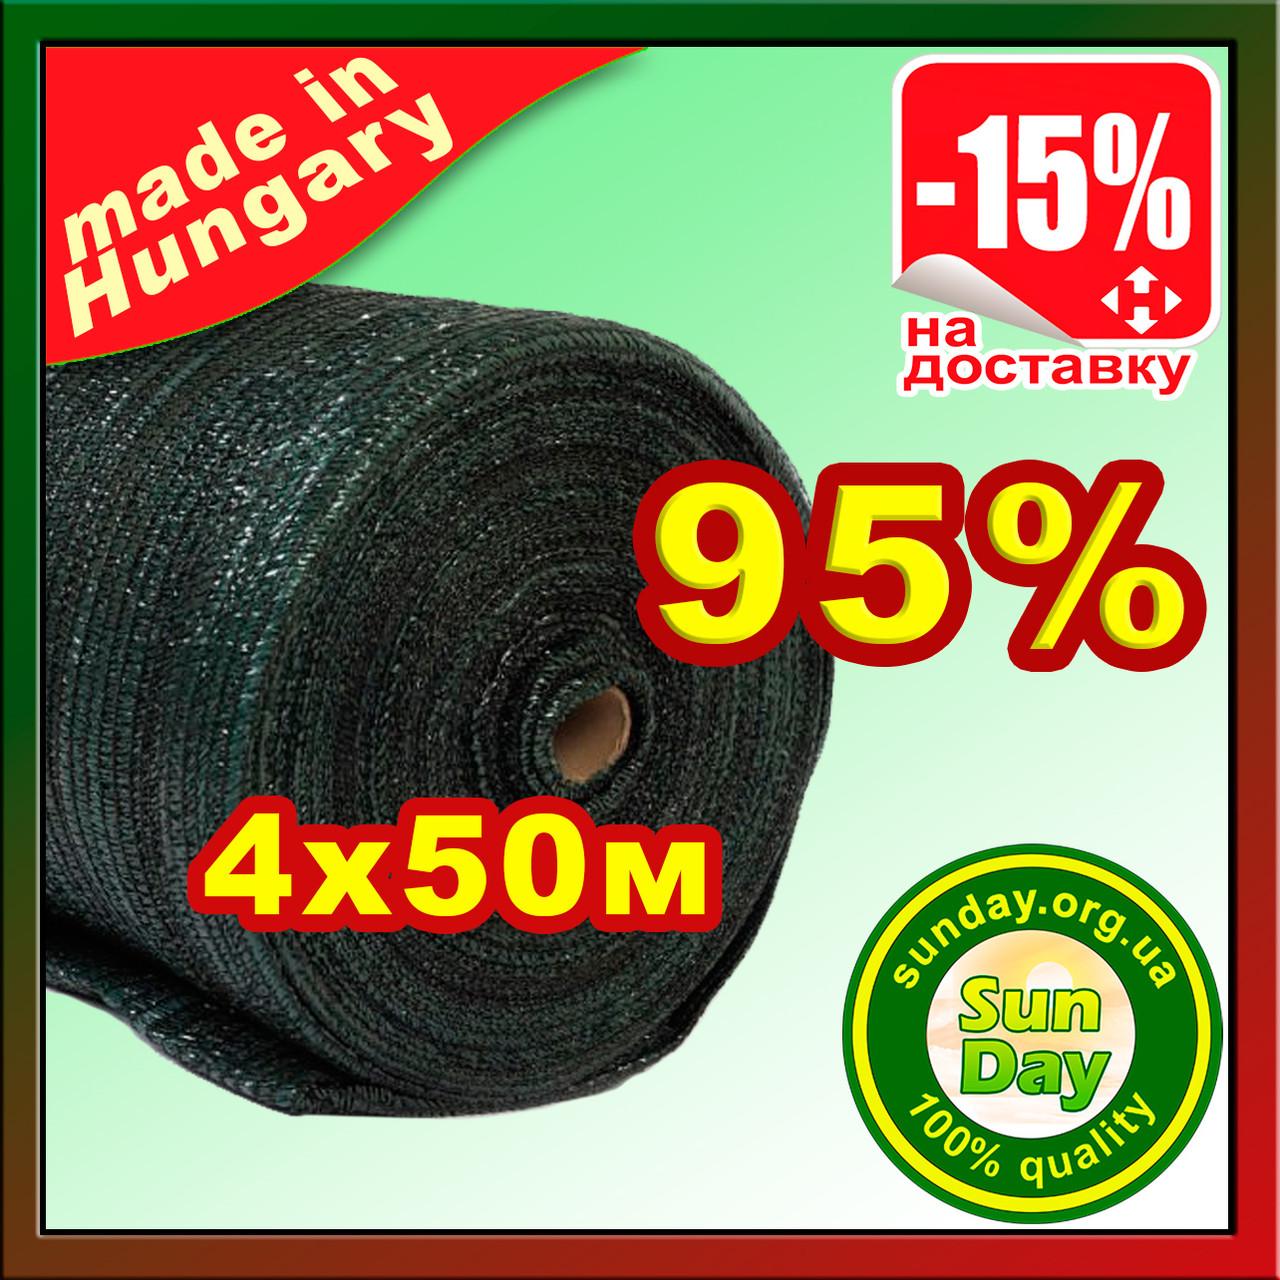 Сітка 4*50м 95% затіняюча Угорщина, маскувальна в рулоні.